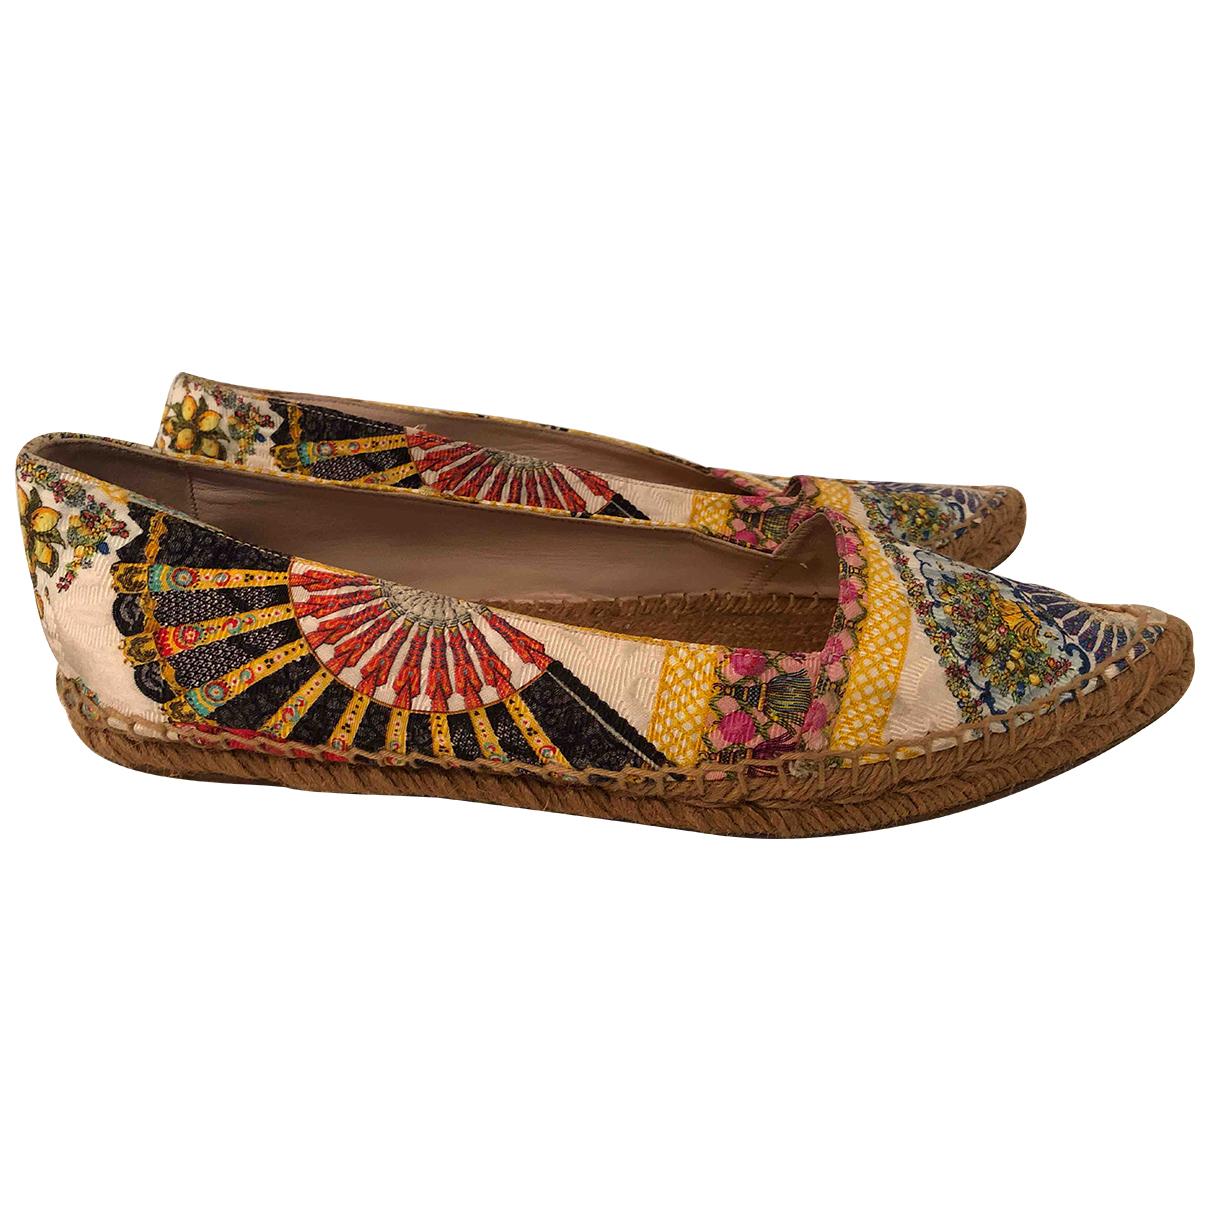 Dolce & Gabbana - Espadrilles   pour femme en cuir - multicolore